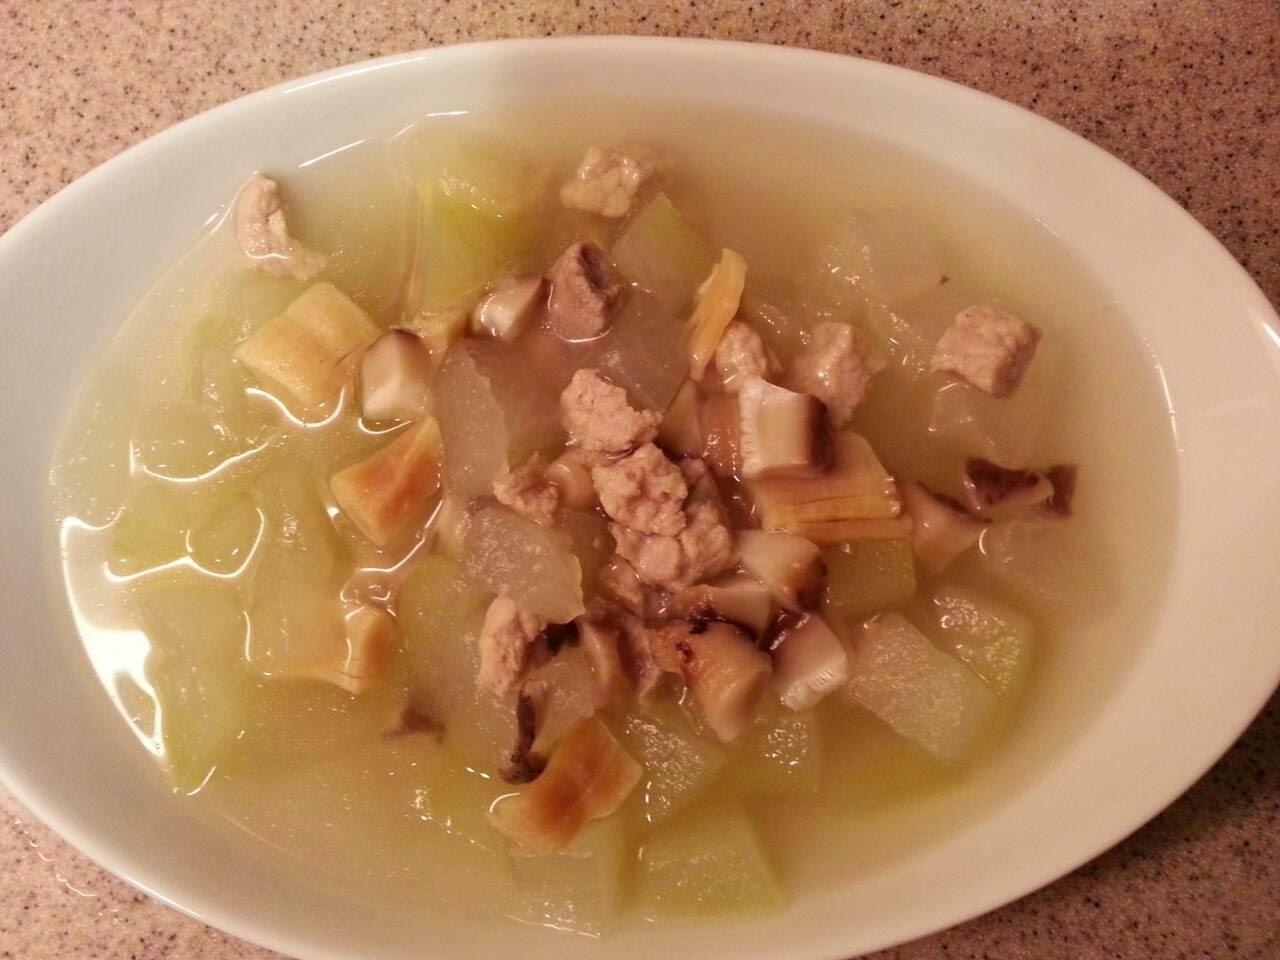 SixtwoSix: 冬瓜冬菇肉粒湯